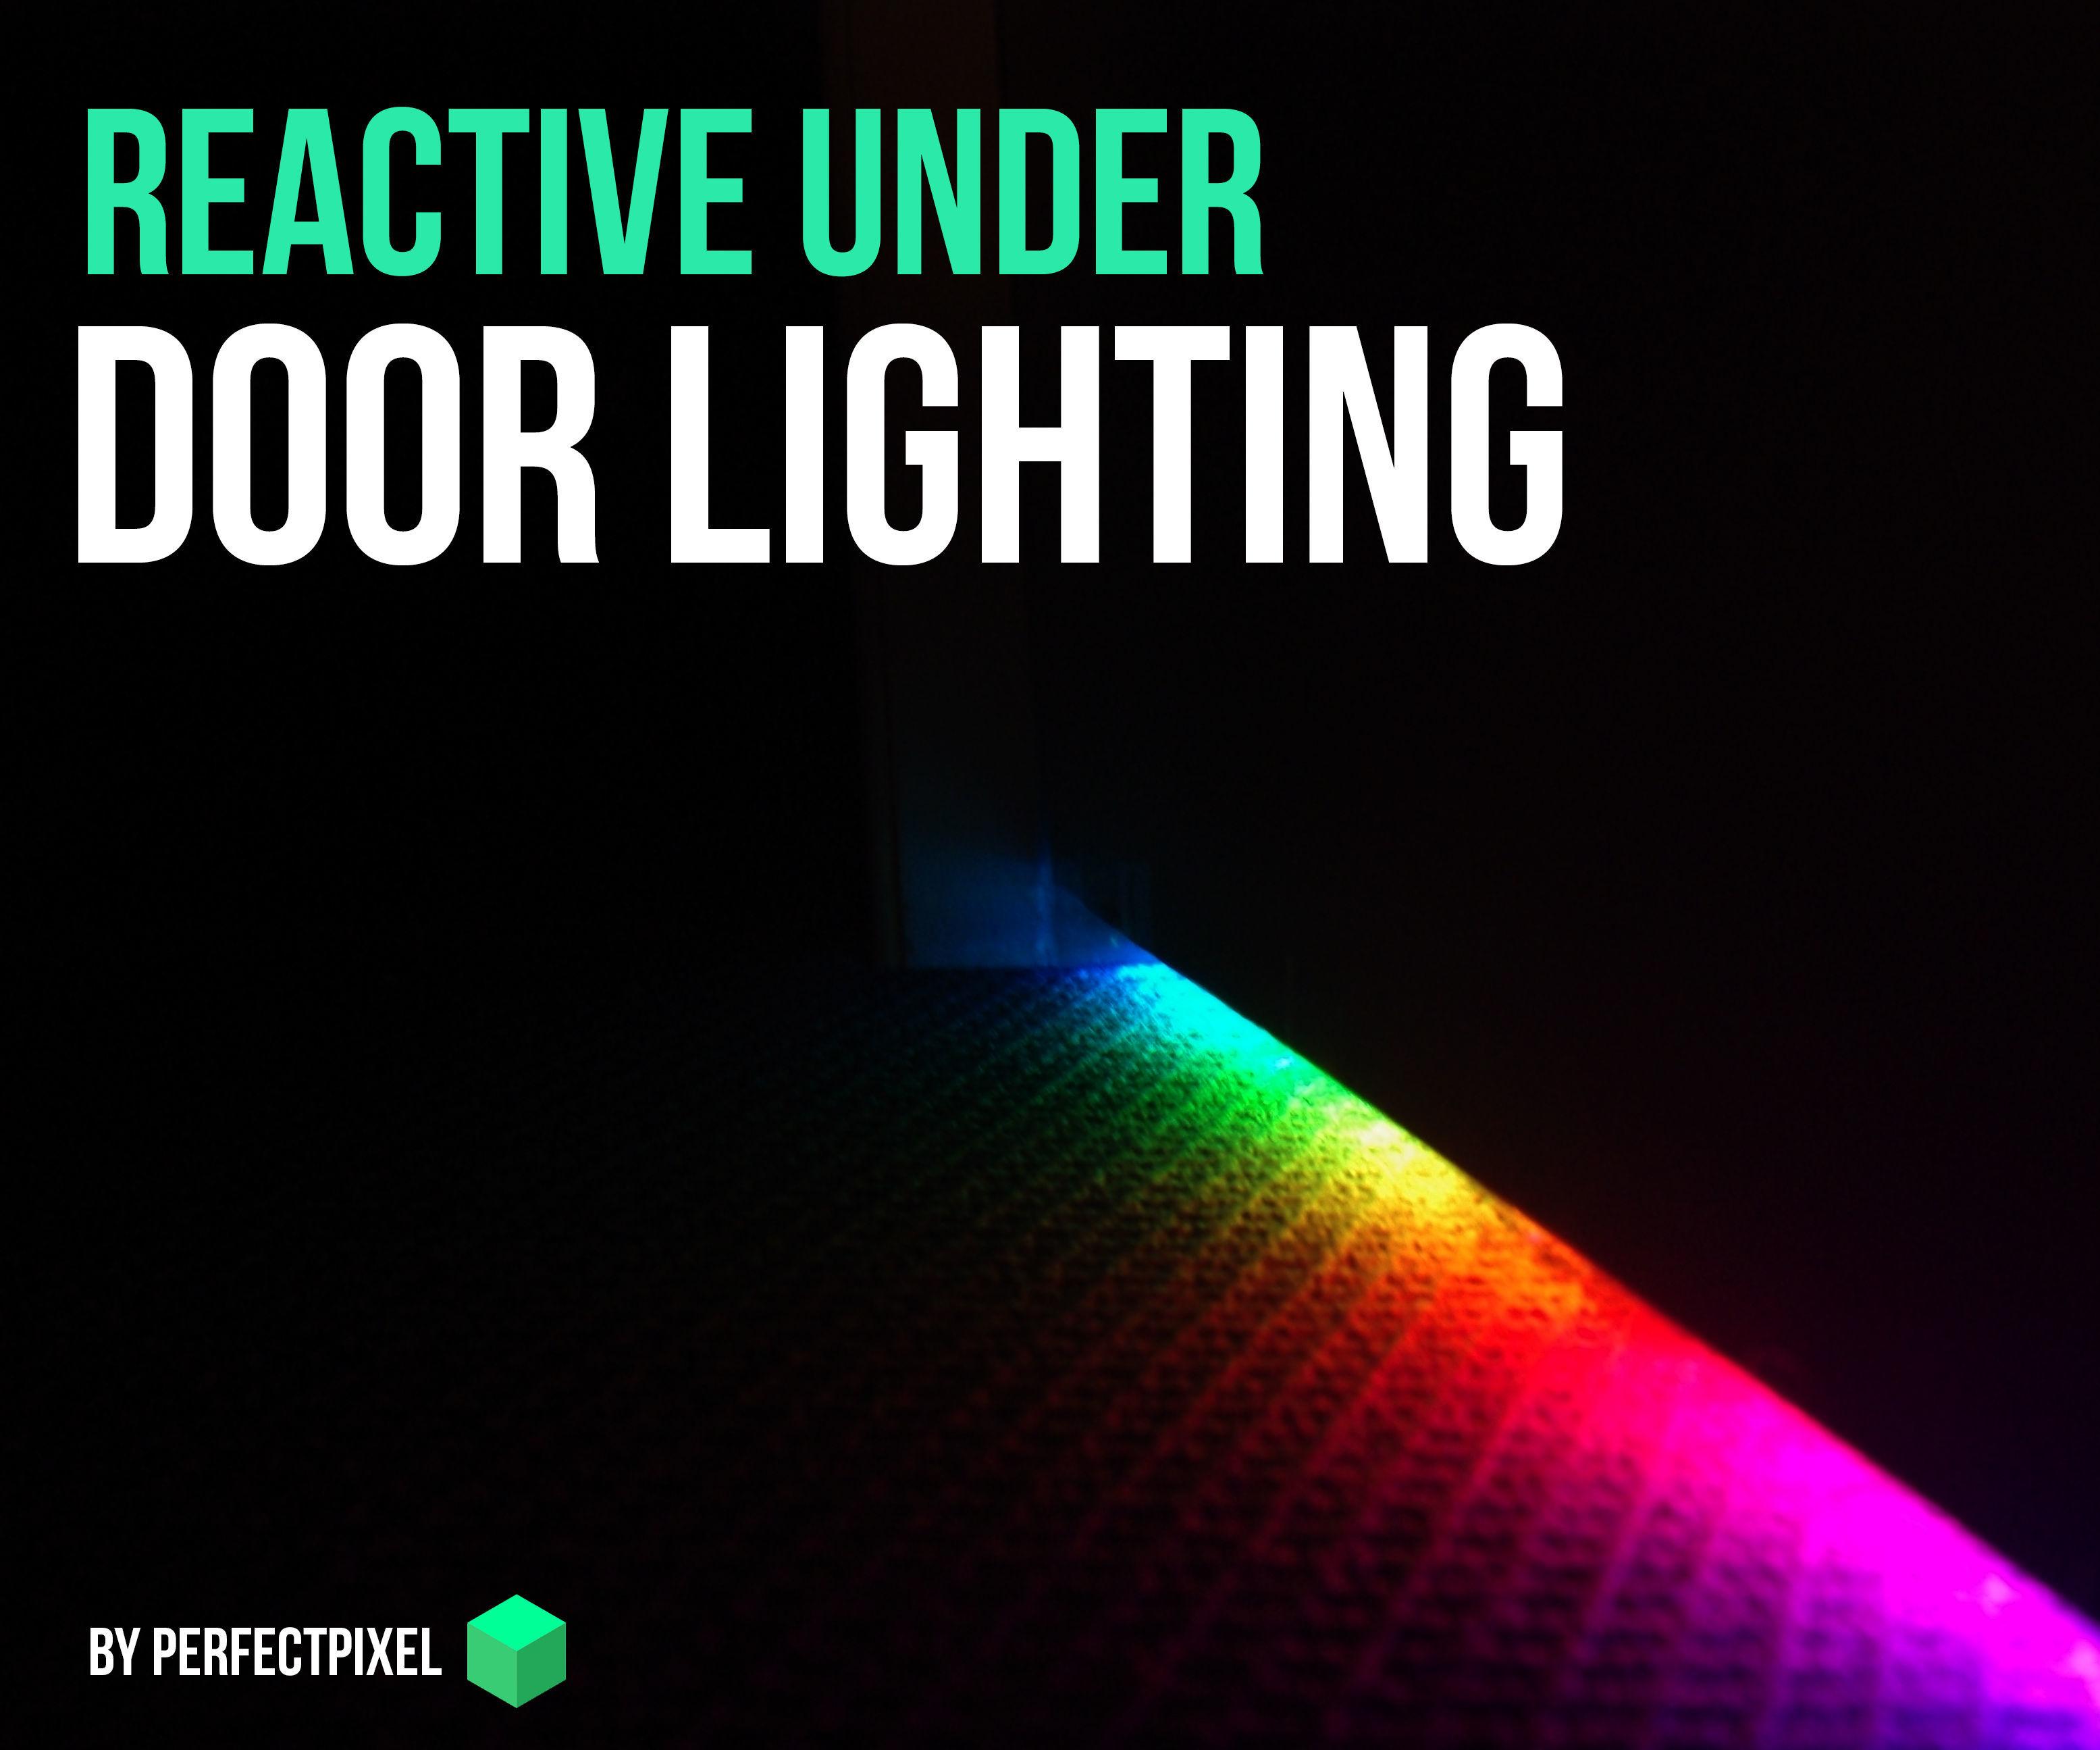 Reactive Neopixel Door Lighting